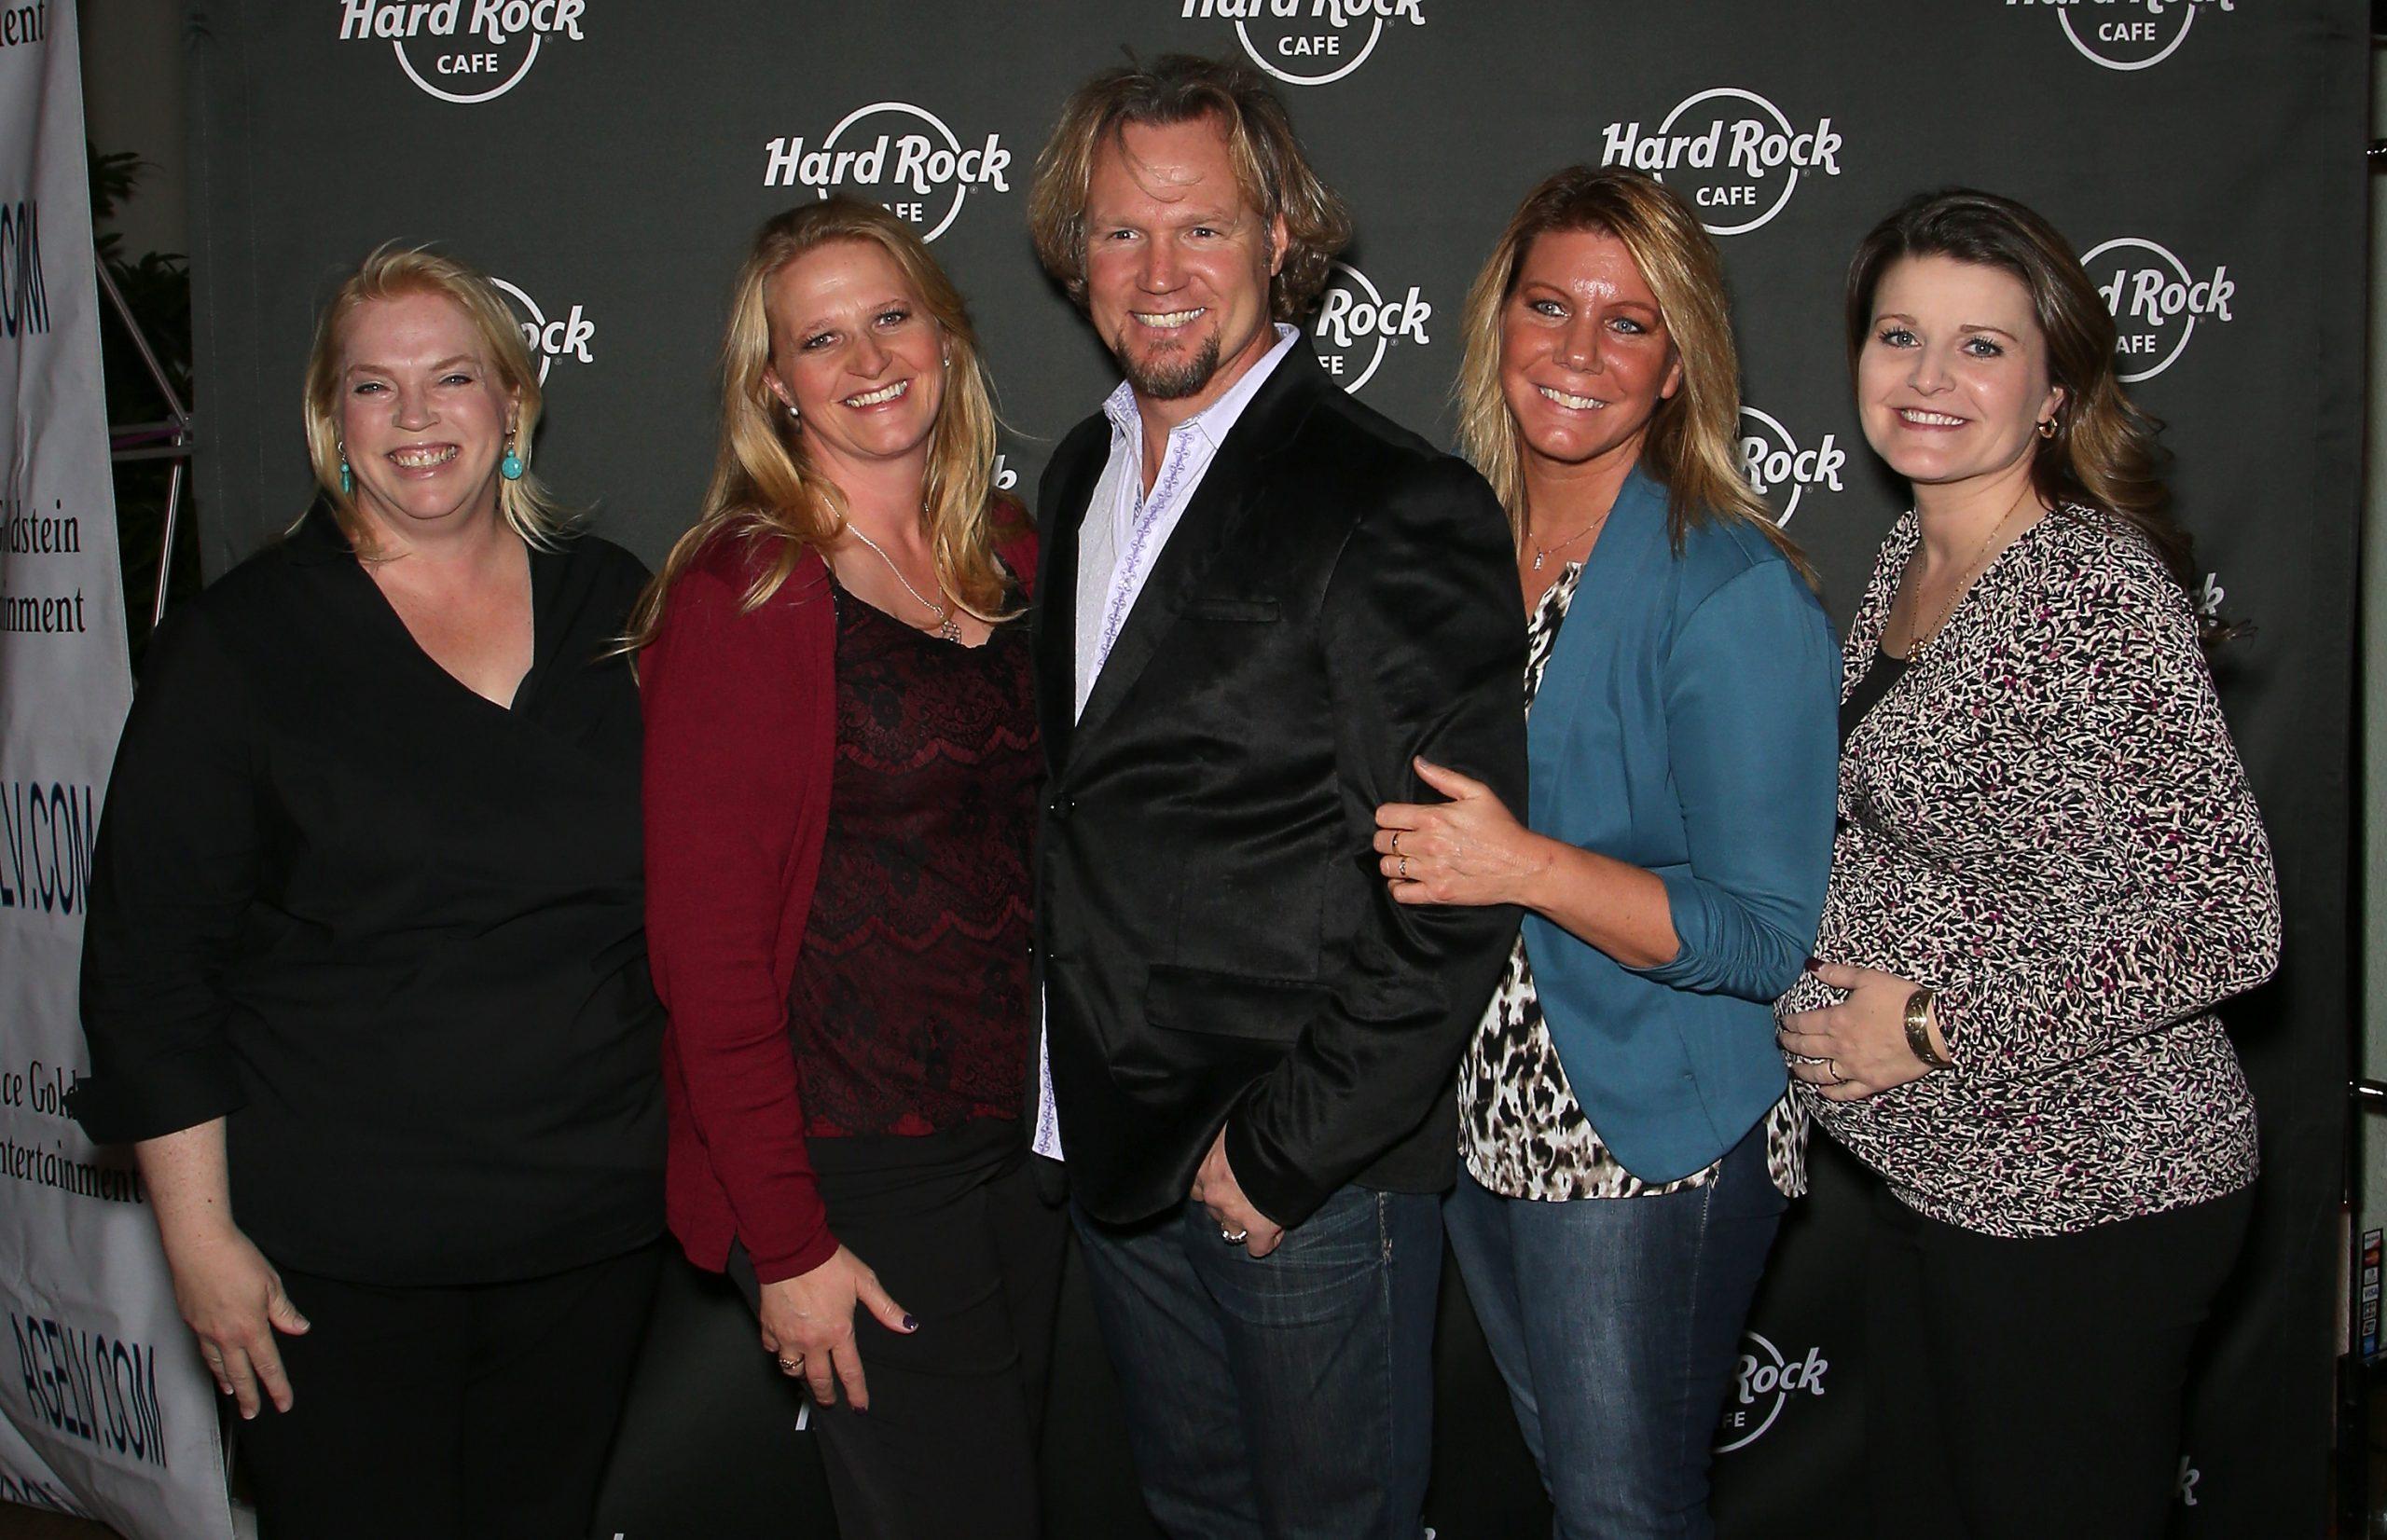 Kody Brown, Janelle Brown, Christine Brown, Meri Brown, and Robyn Brown of Sister Wives